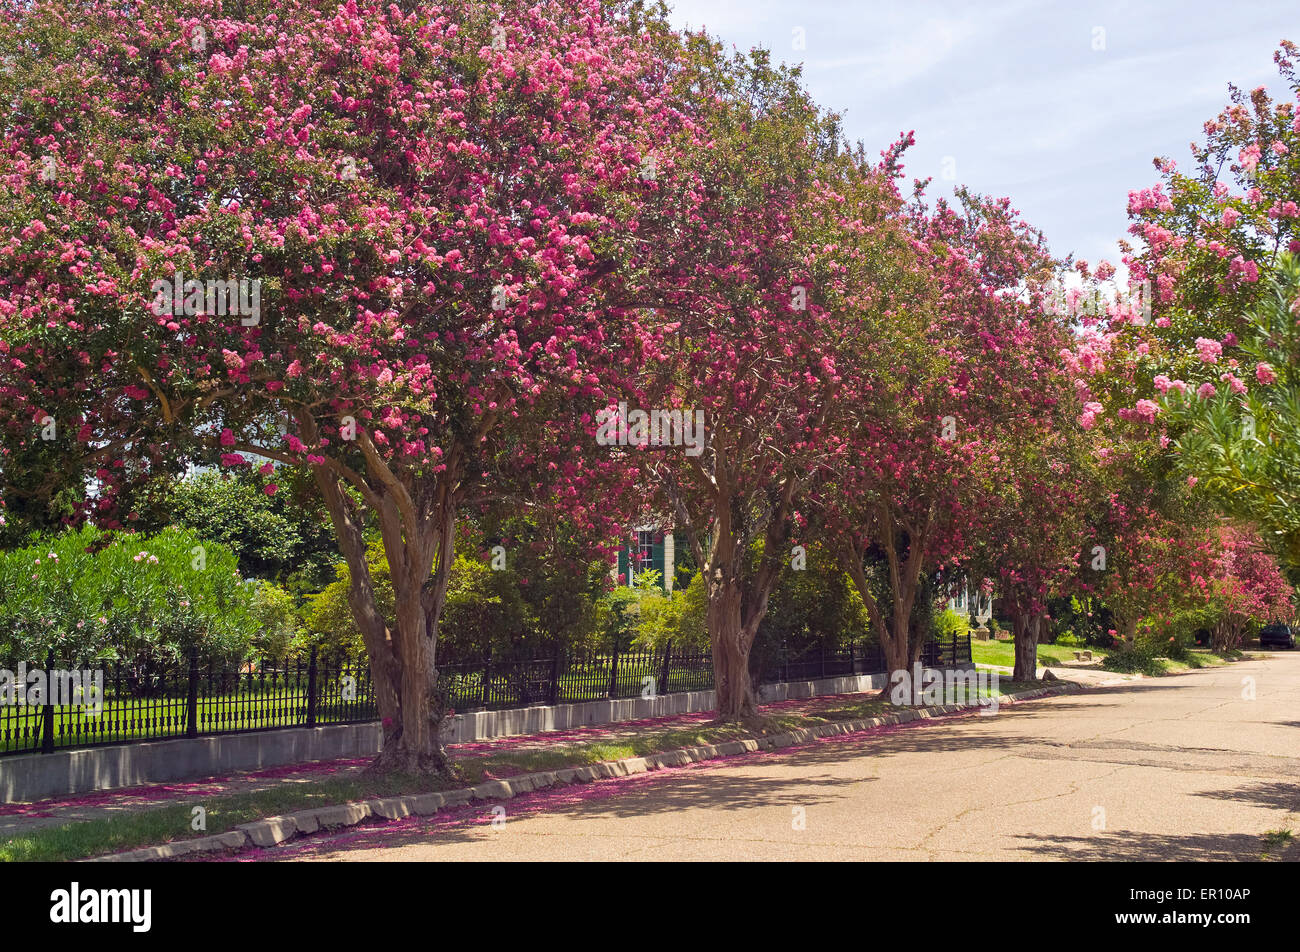 Crape Myrtle arbres à fleurs rose brillant apporter des couleurs à une rue résidentielle tranquille Photo Stock